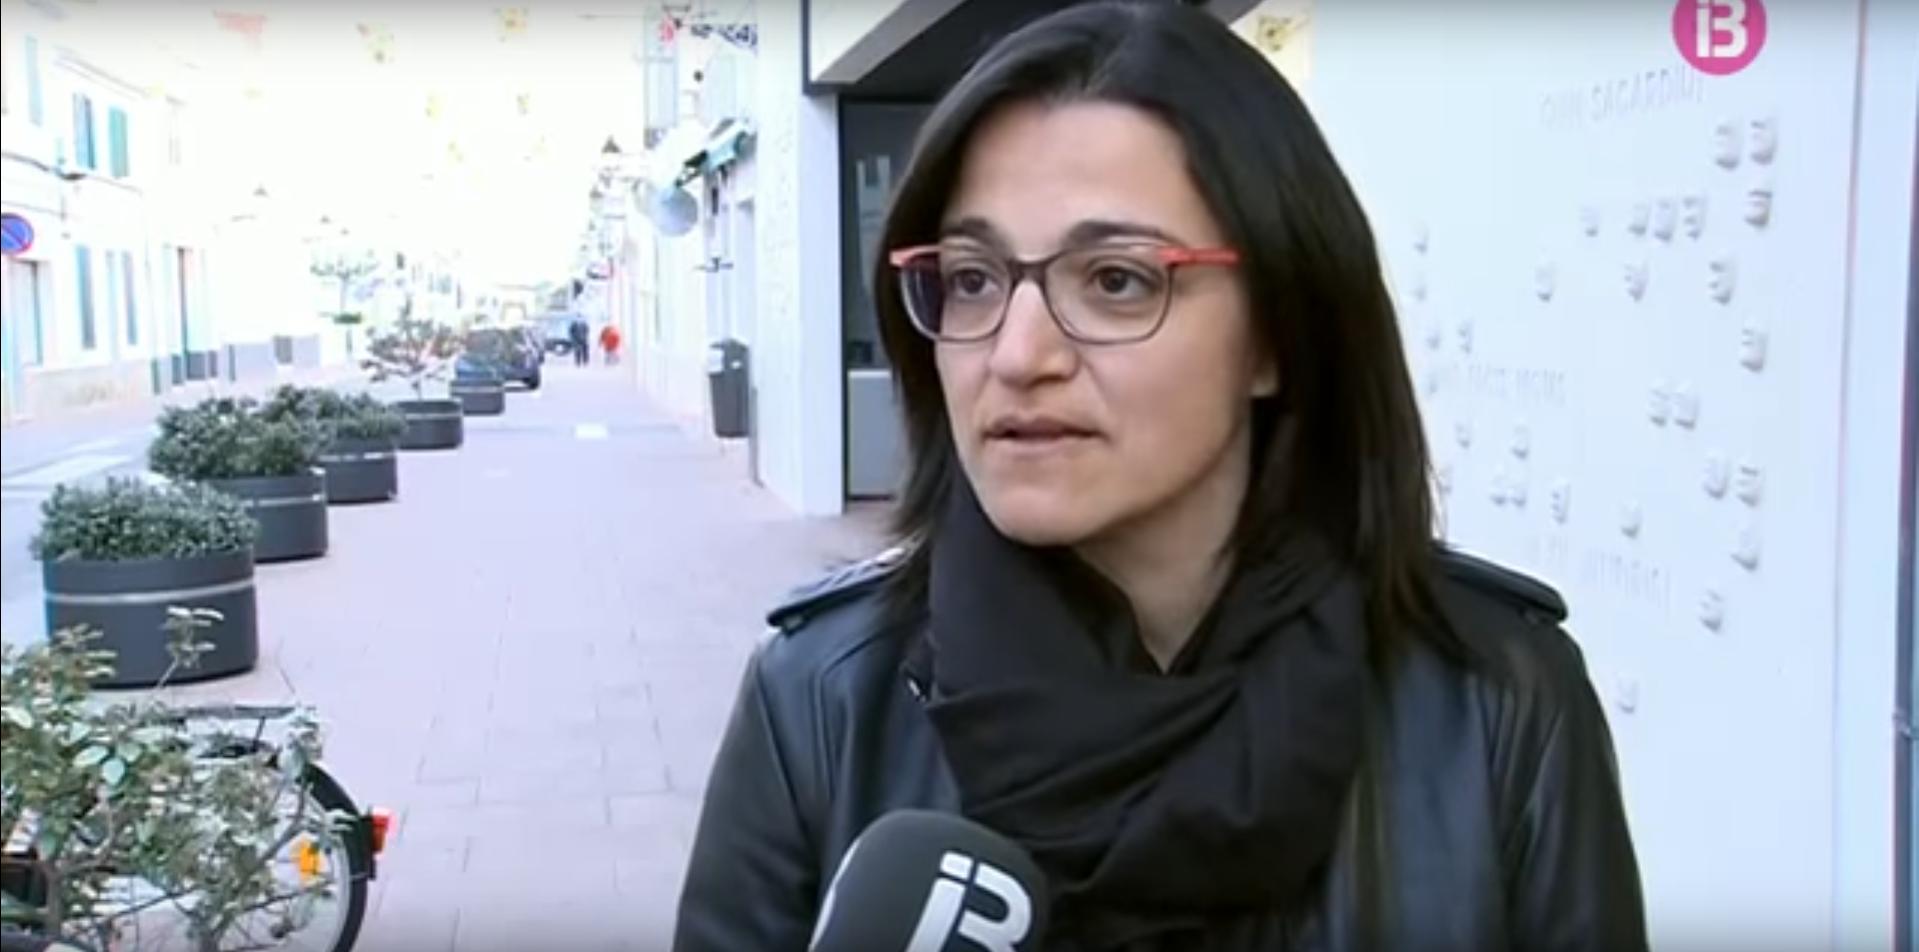 El+PSOE+es+reuneix+per+trobar+una+soluci%C3%B3+que+desbloquegi+la+crisi+municipal+a+Sant+Llu%C3%ADs